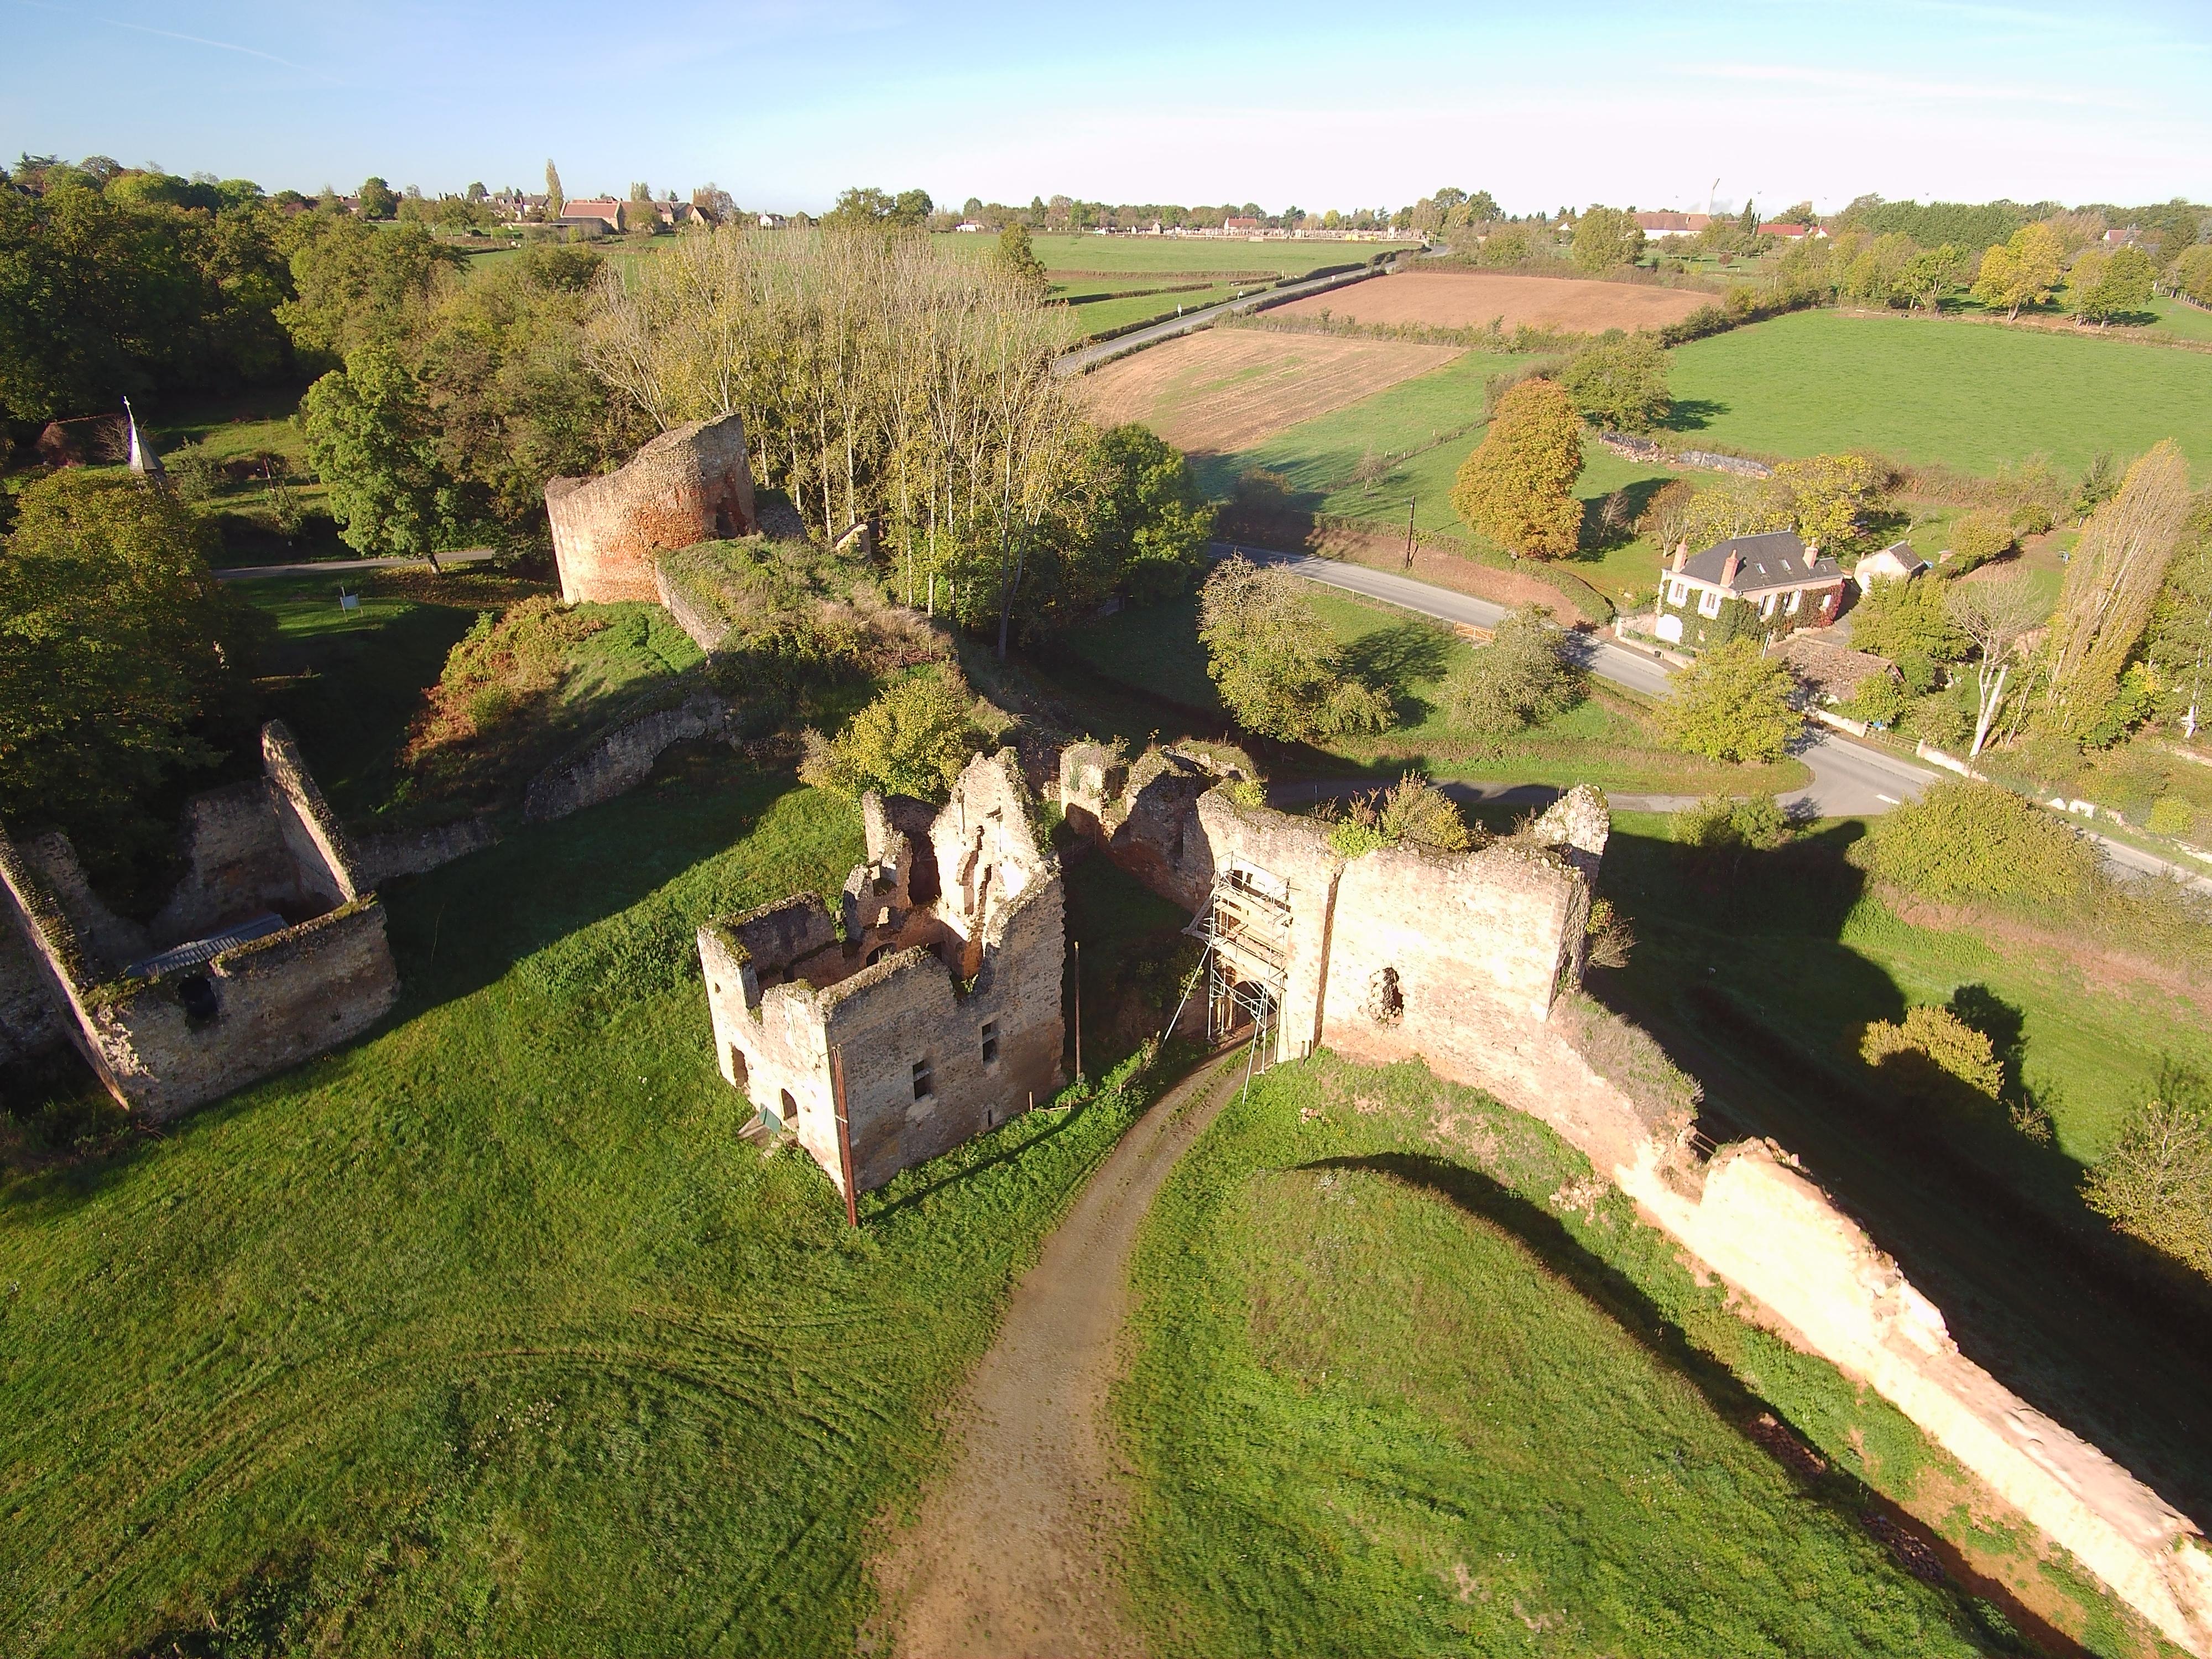 Vue par drone site archéologique